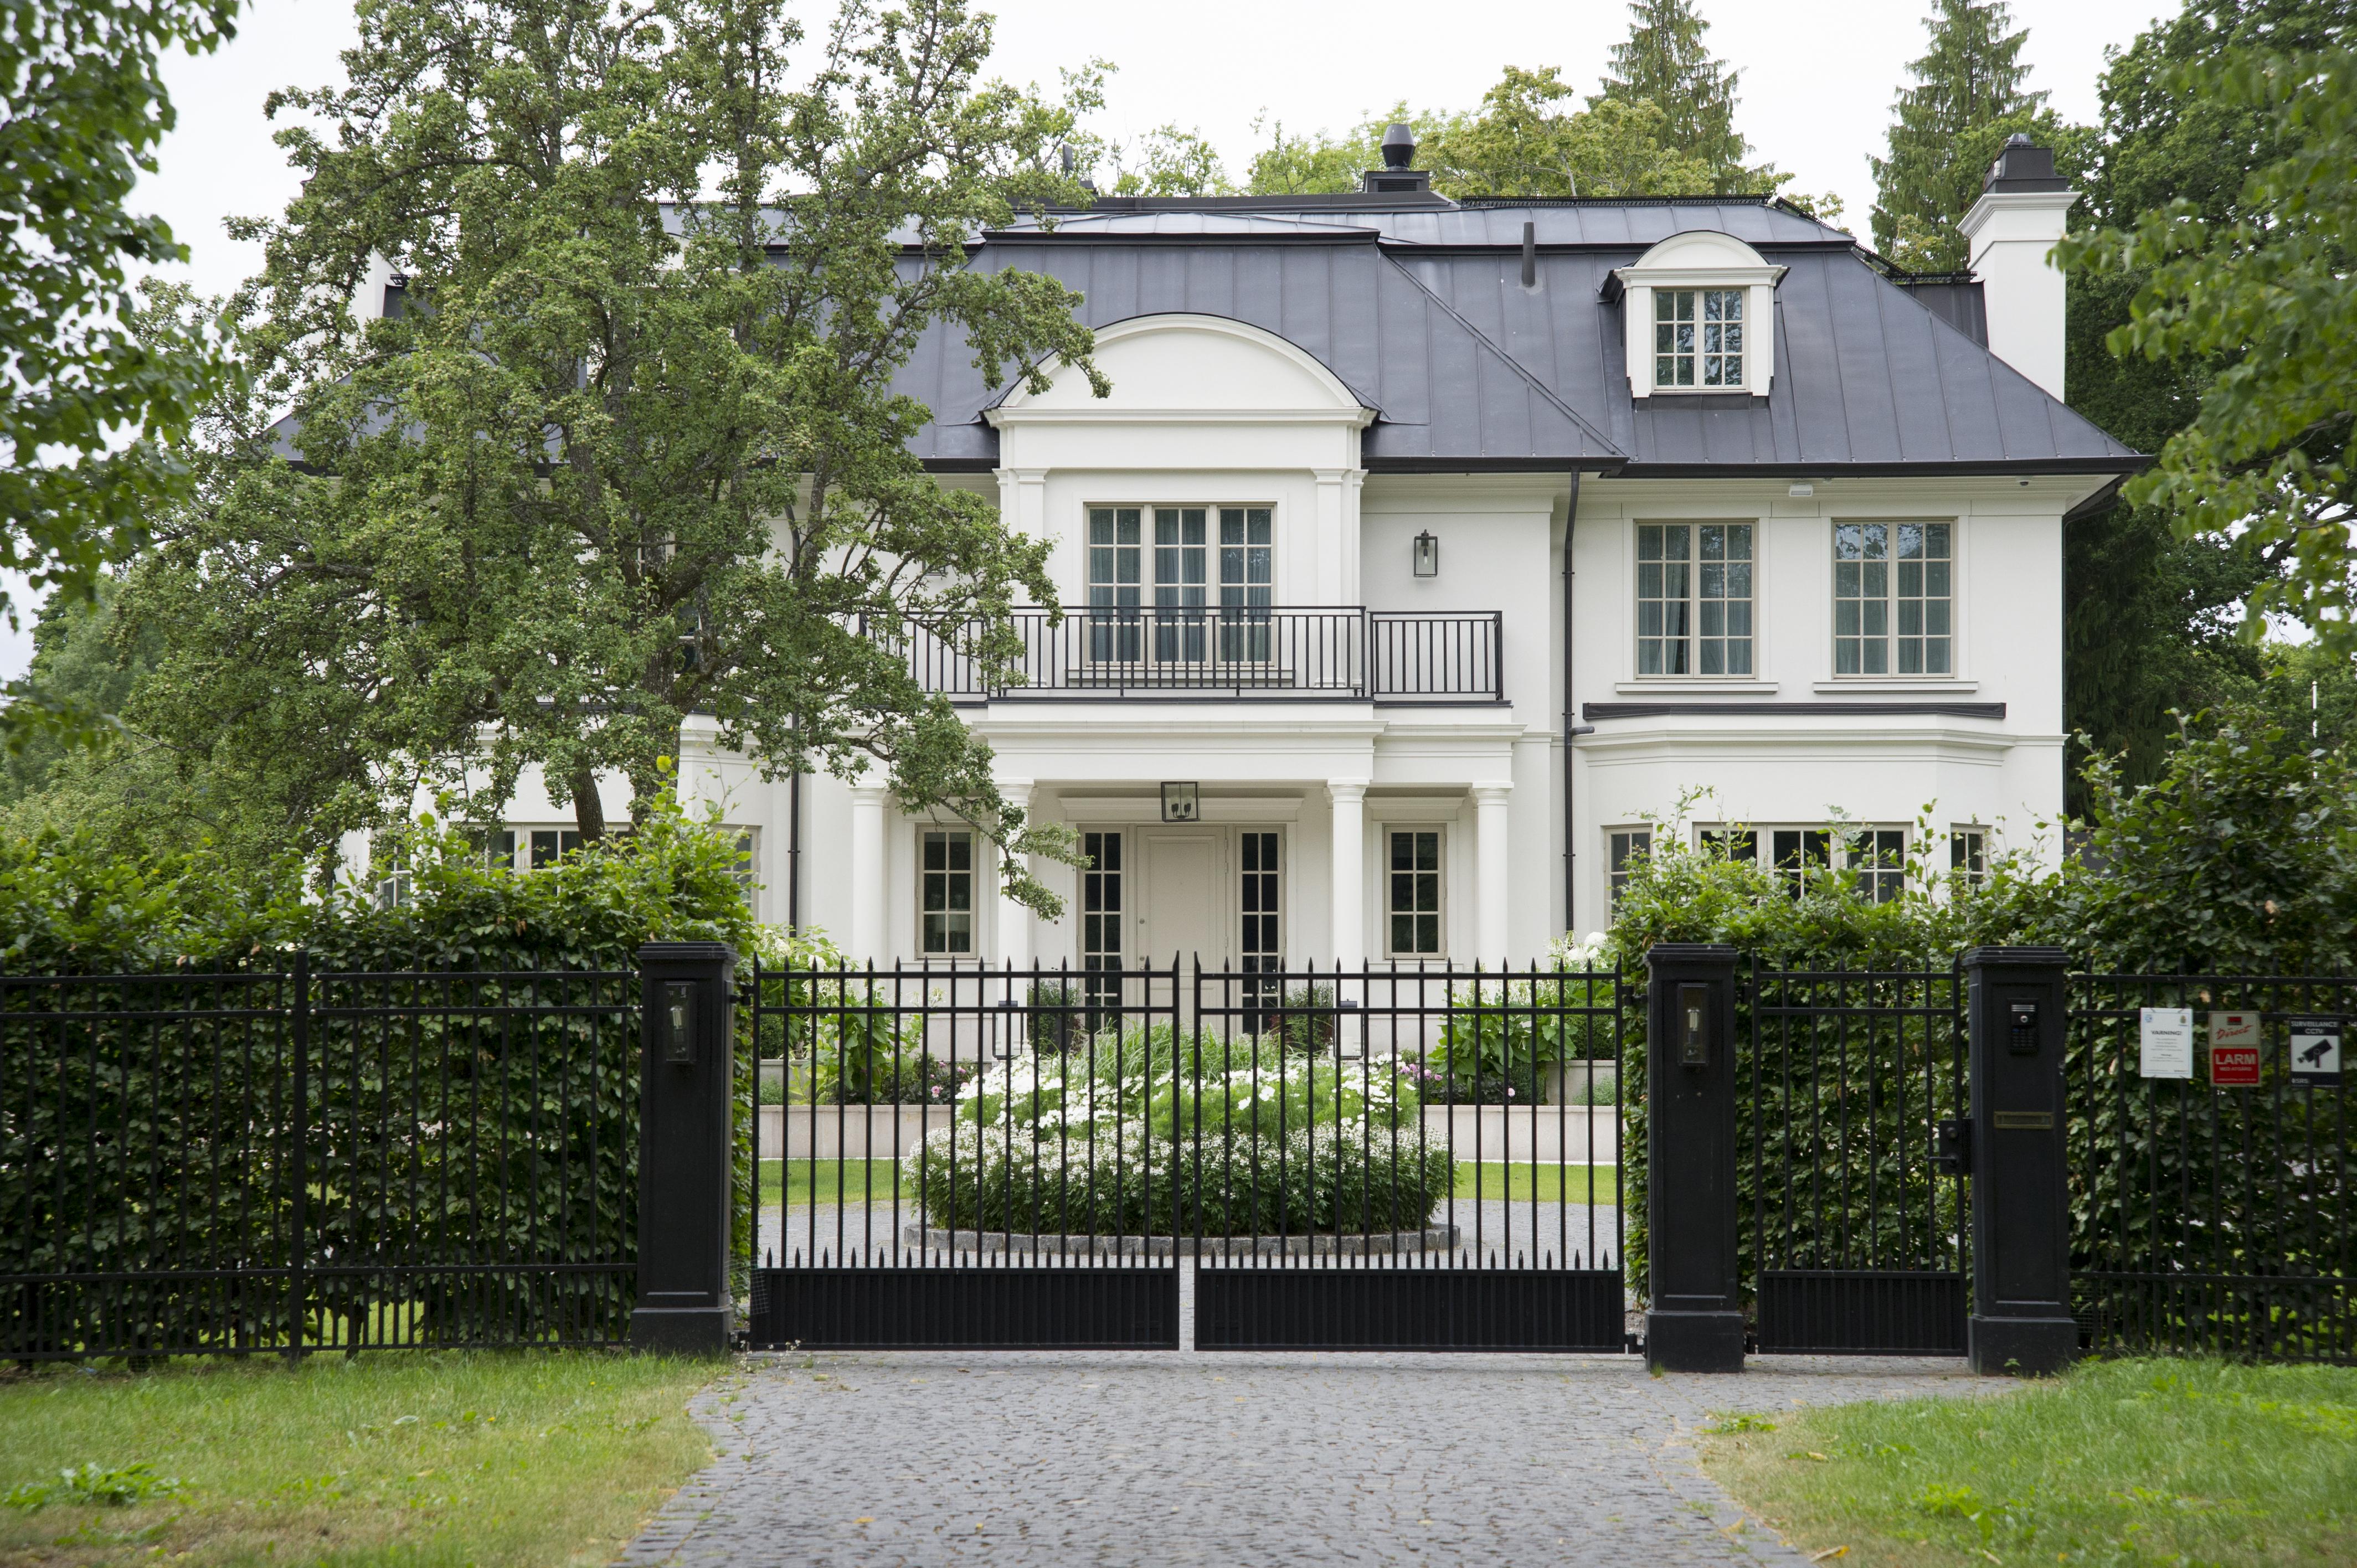 Nyinflyttade p Vendevgen 14, Djursholm | unam.net